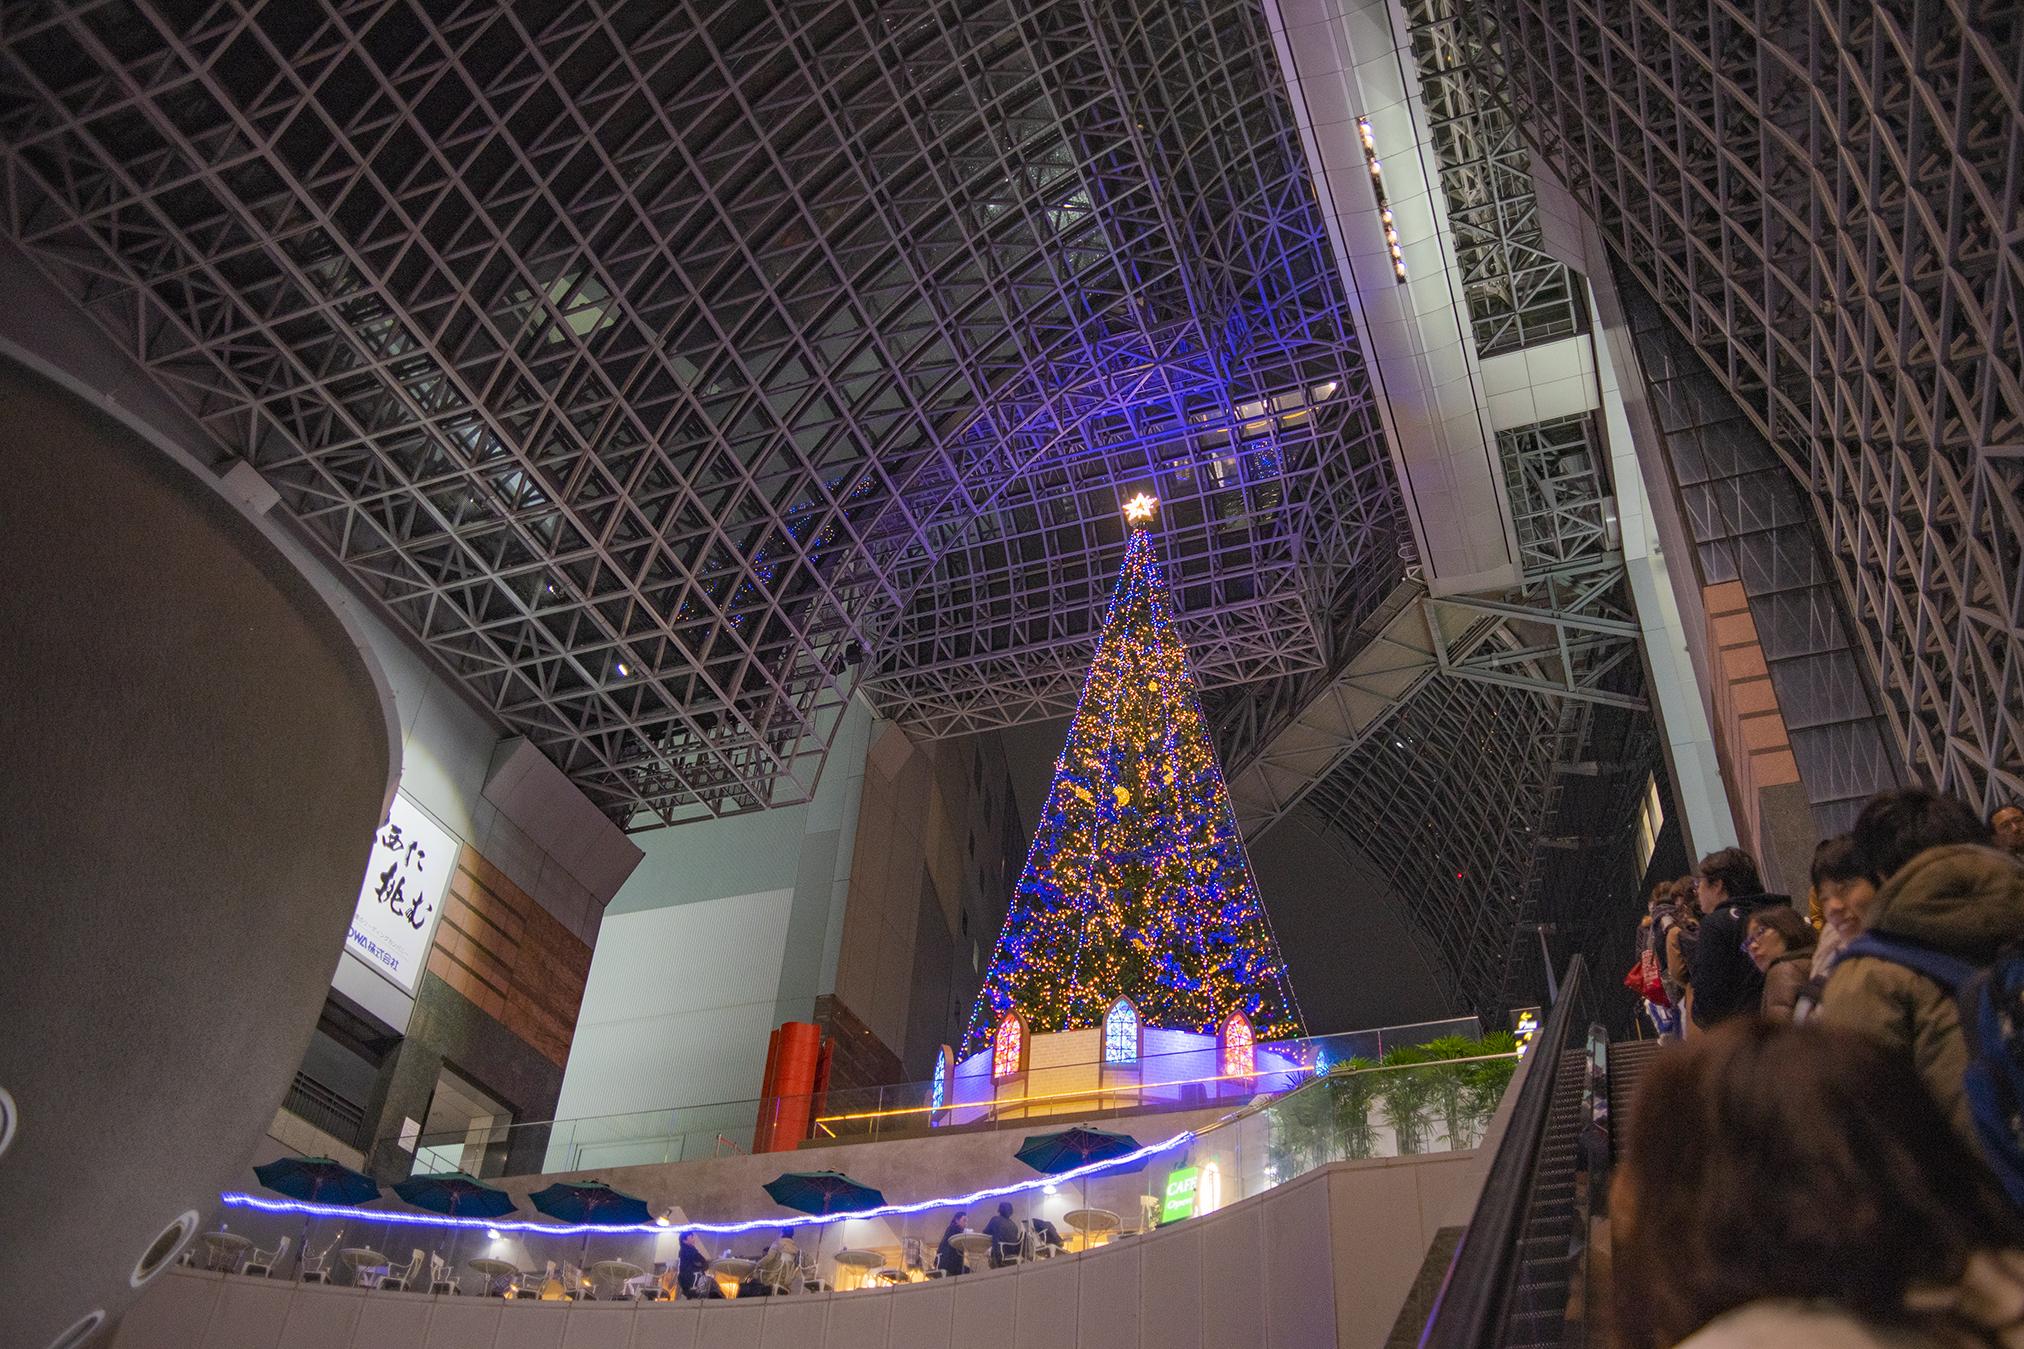 京都駅のクリスマスイルミネーションはカップルの恋をドラマティックに演出していたよ